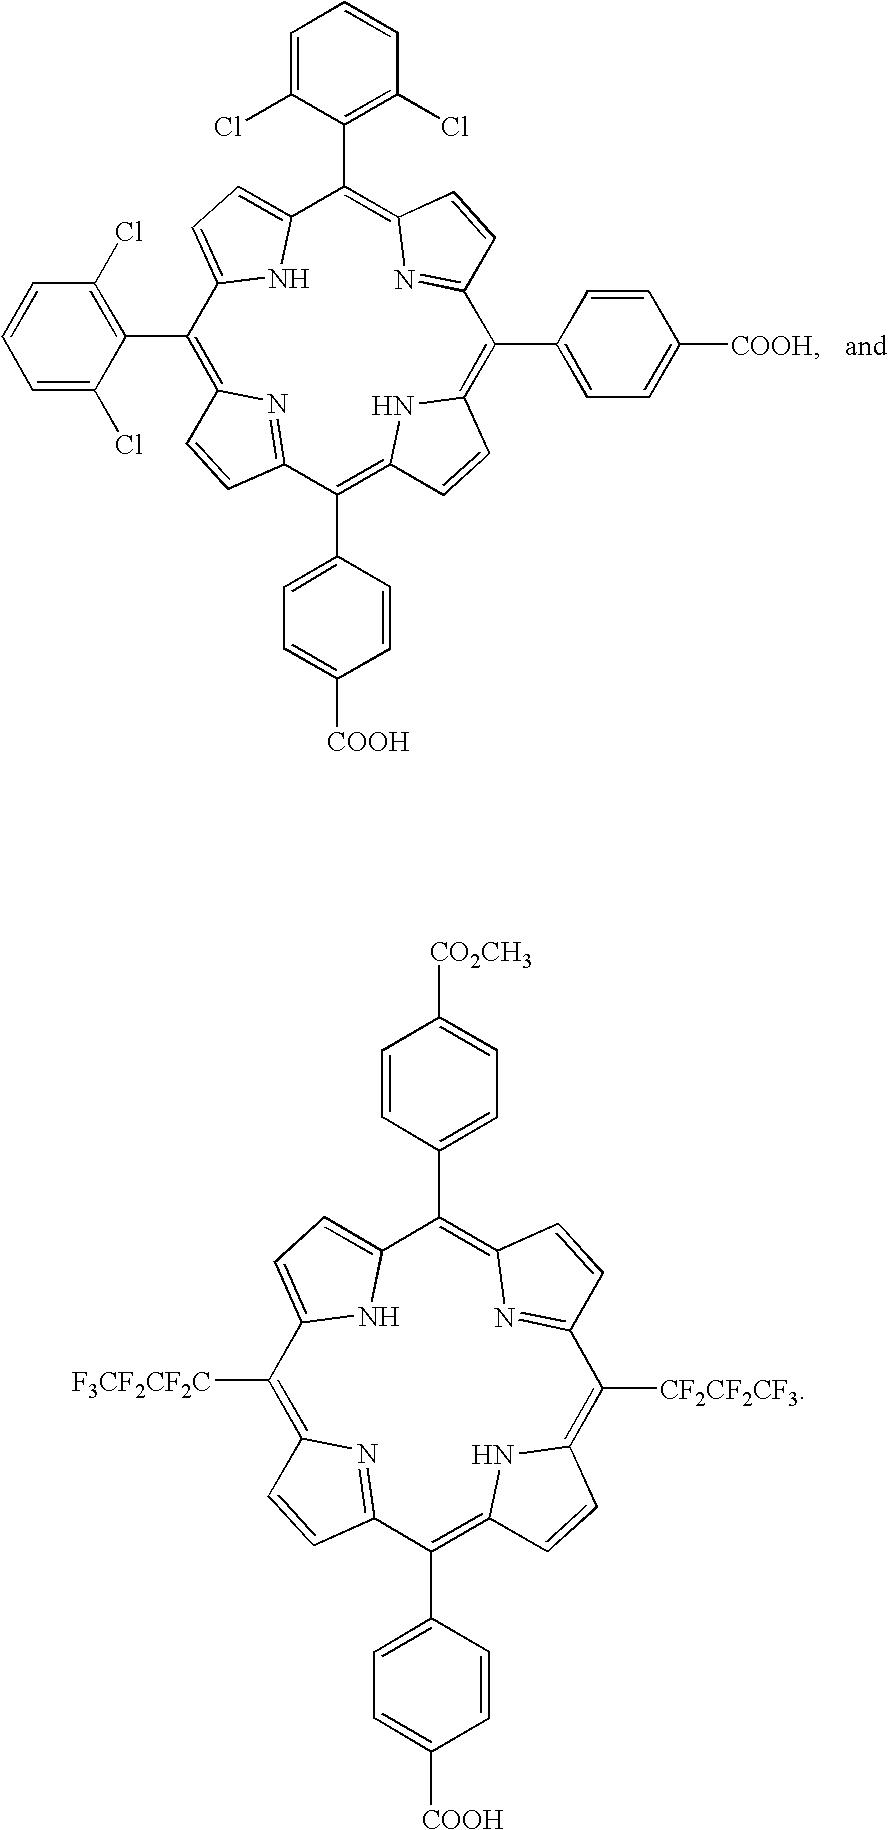 Figure US20100133110A1-20100603-C00004